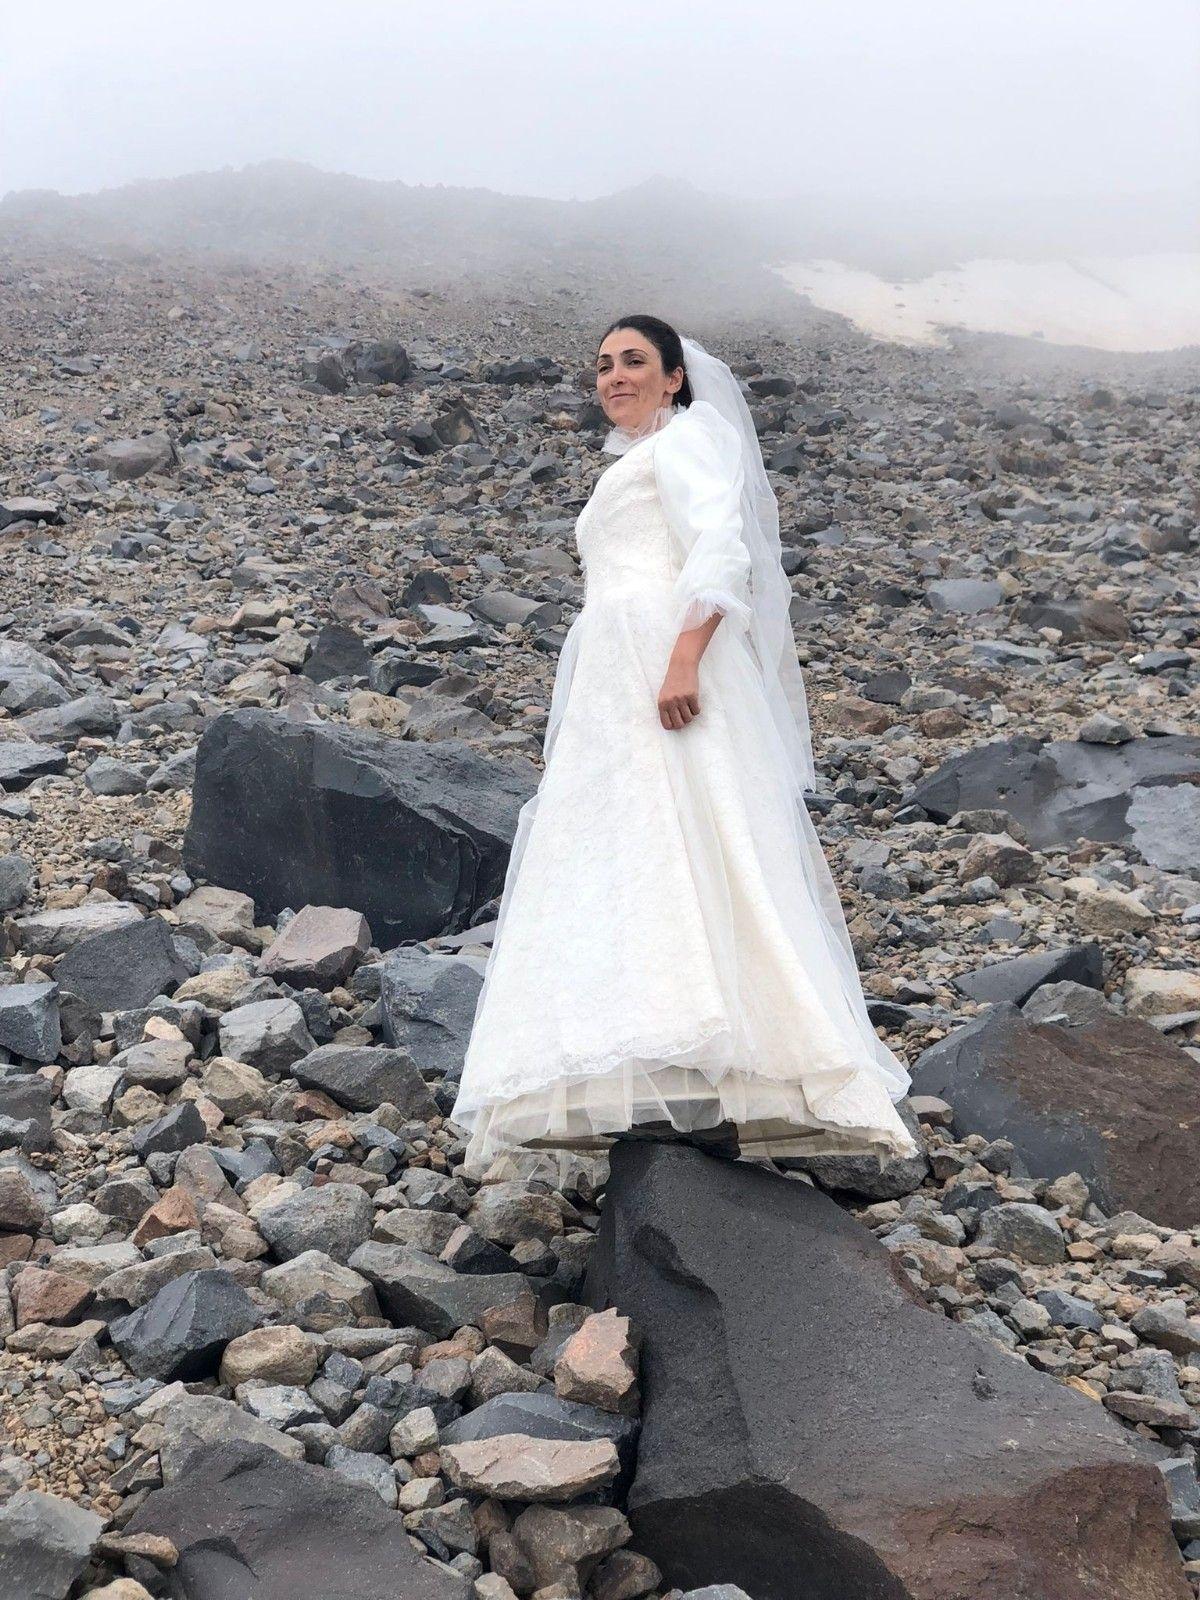 2021/07/gelinlik-giyip-agri-dagi-ile-evlendi-20210727AW37-2.jpg